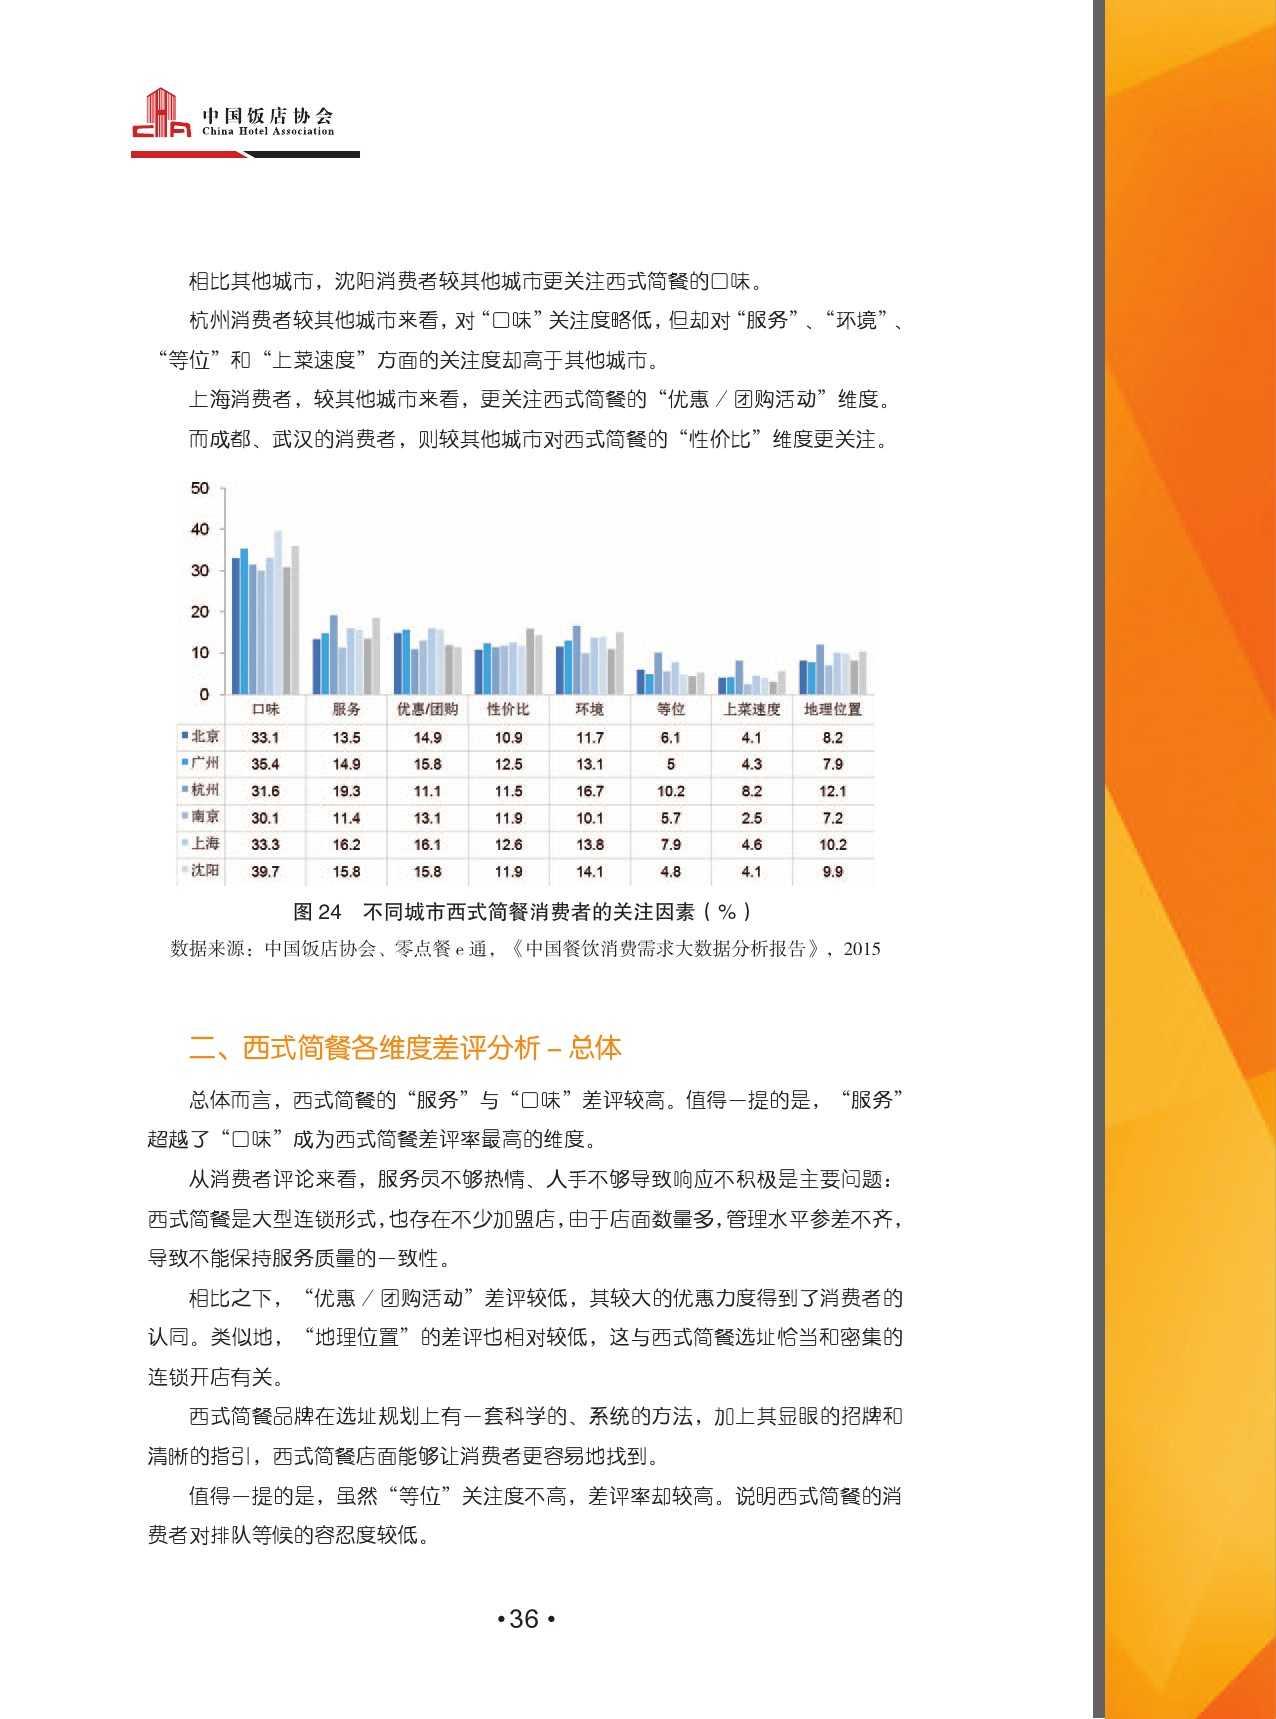 2015中国餐饮消费需求大数据分析报告_000038